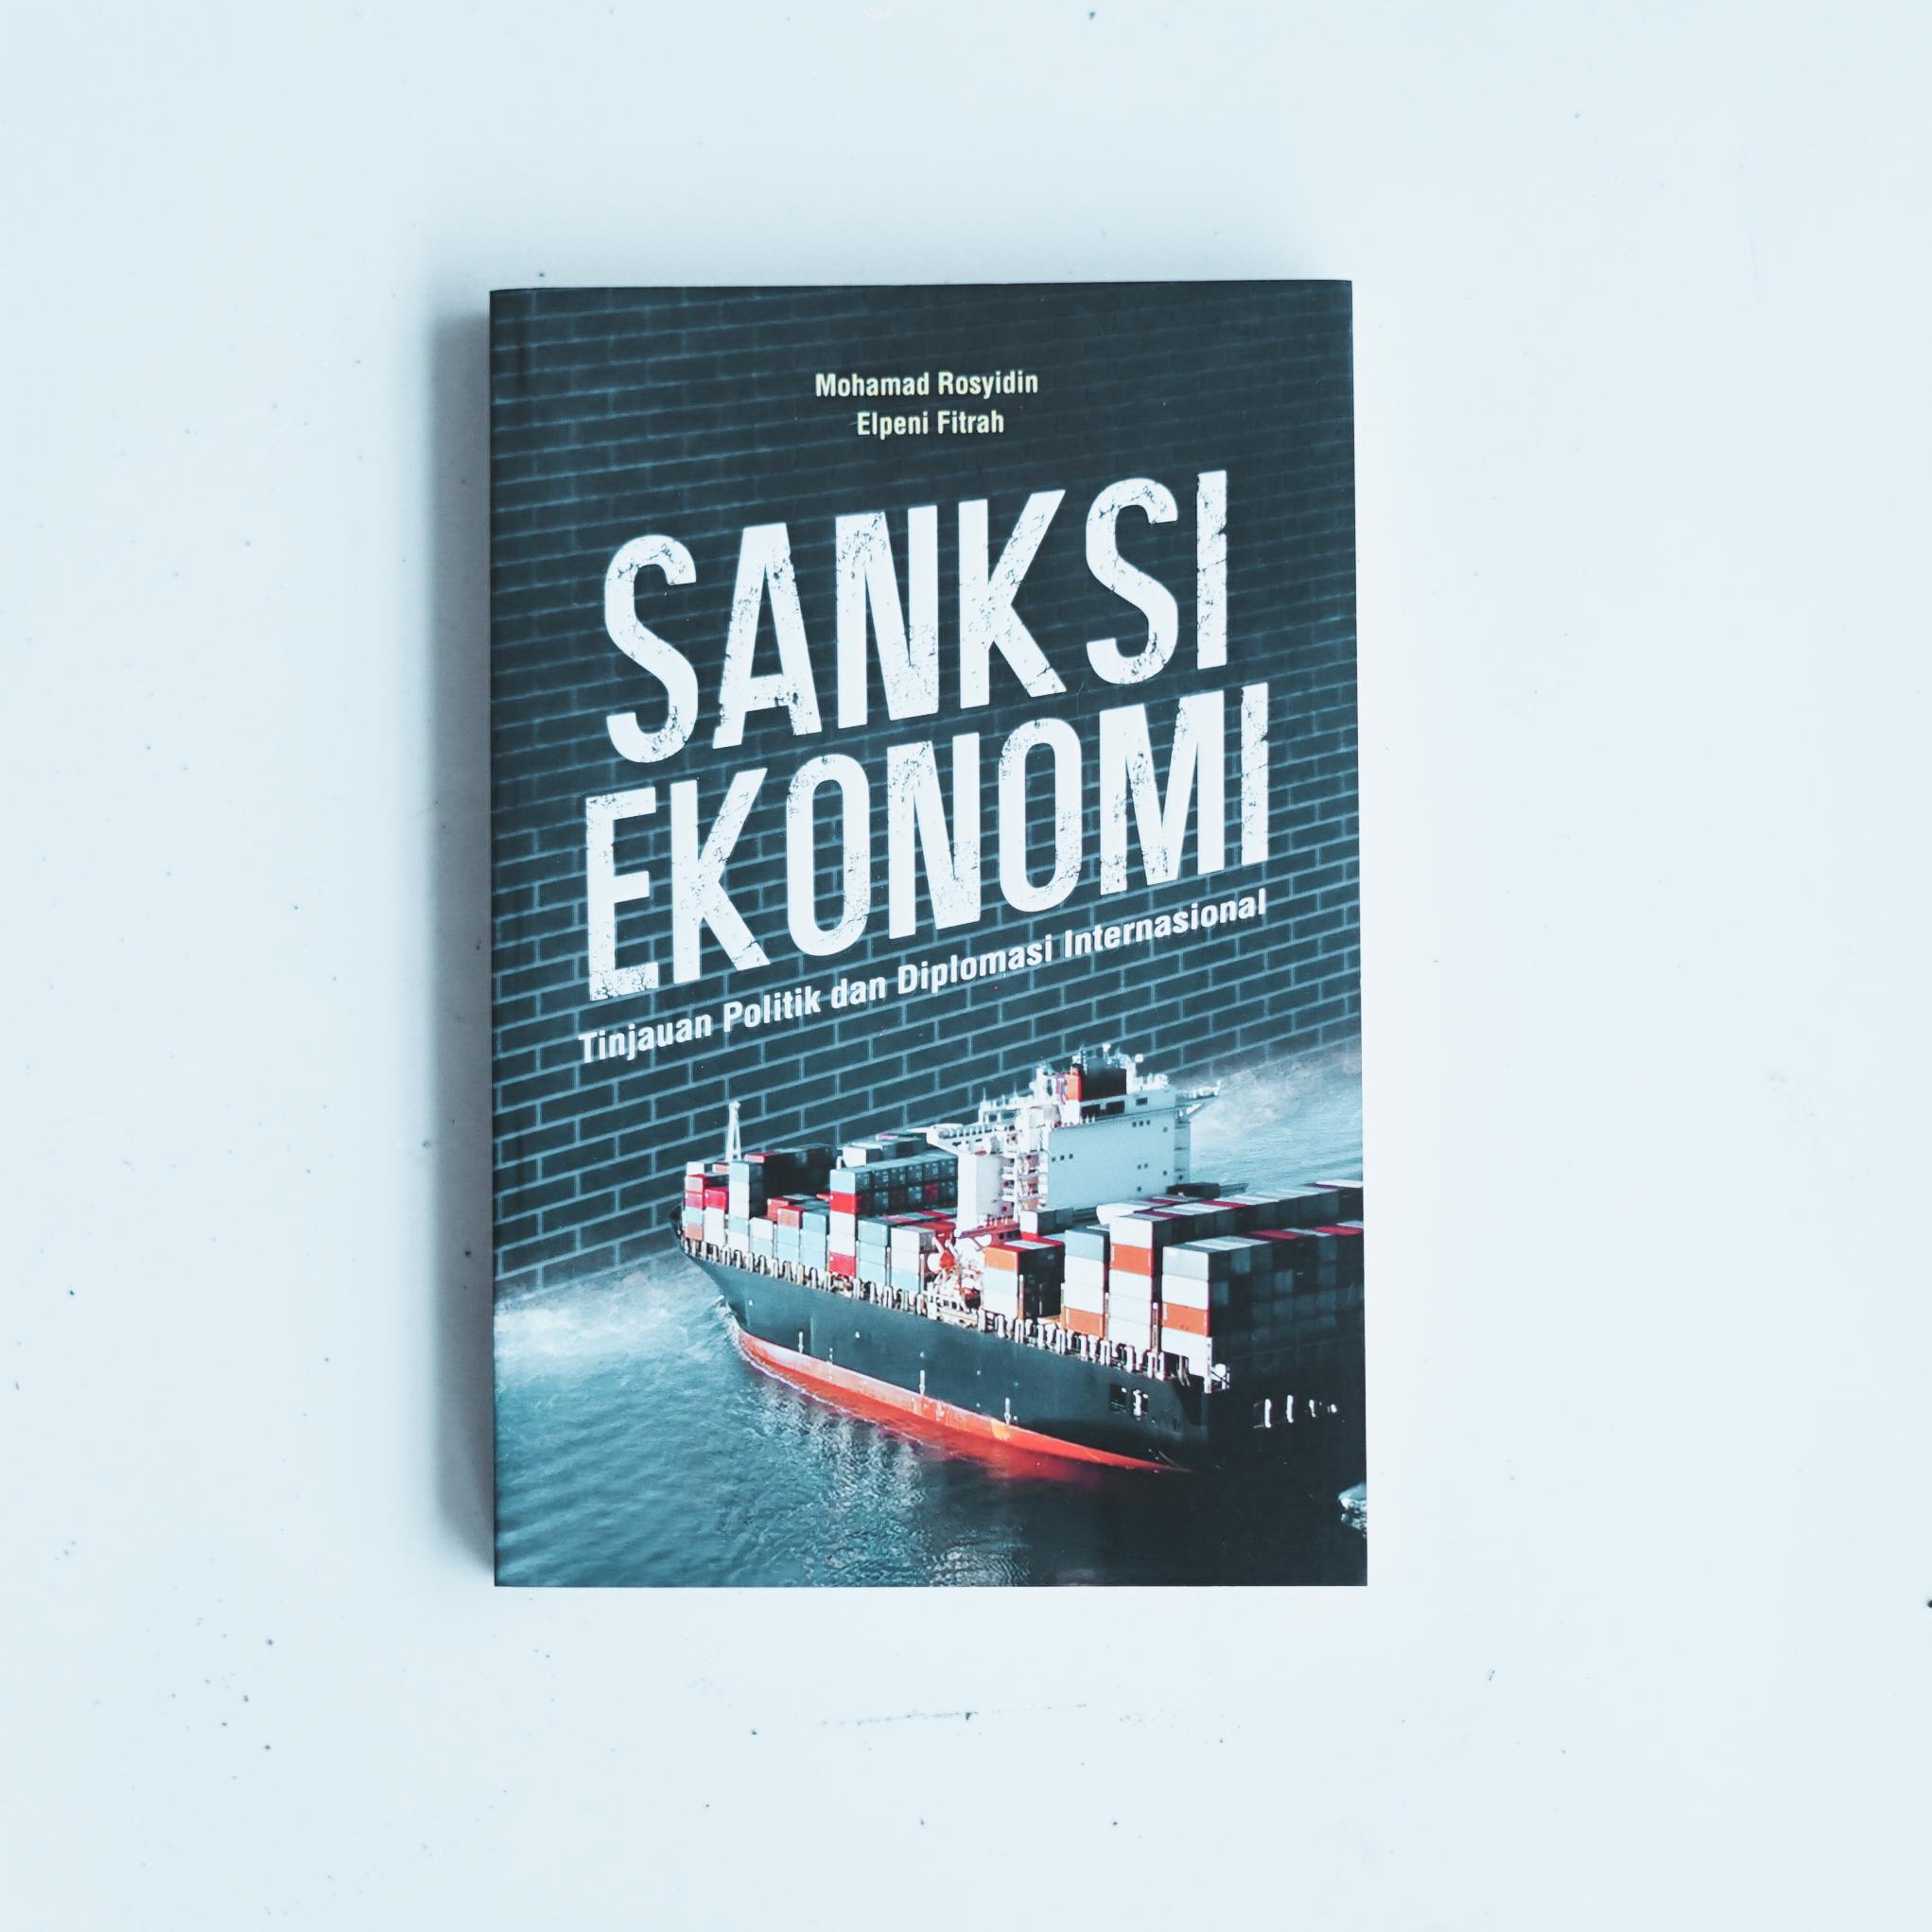 Sanksi Ekonomi: Tinjauan Politik dan Diplomasi Internasional